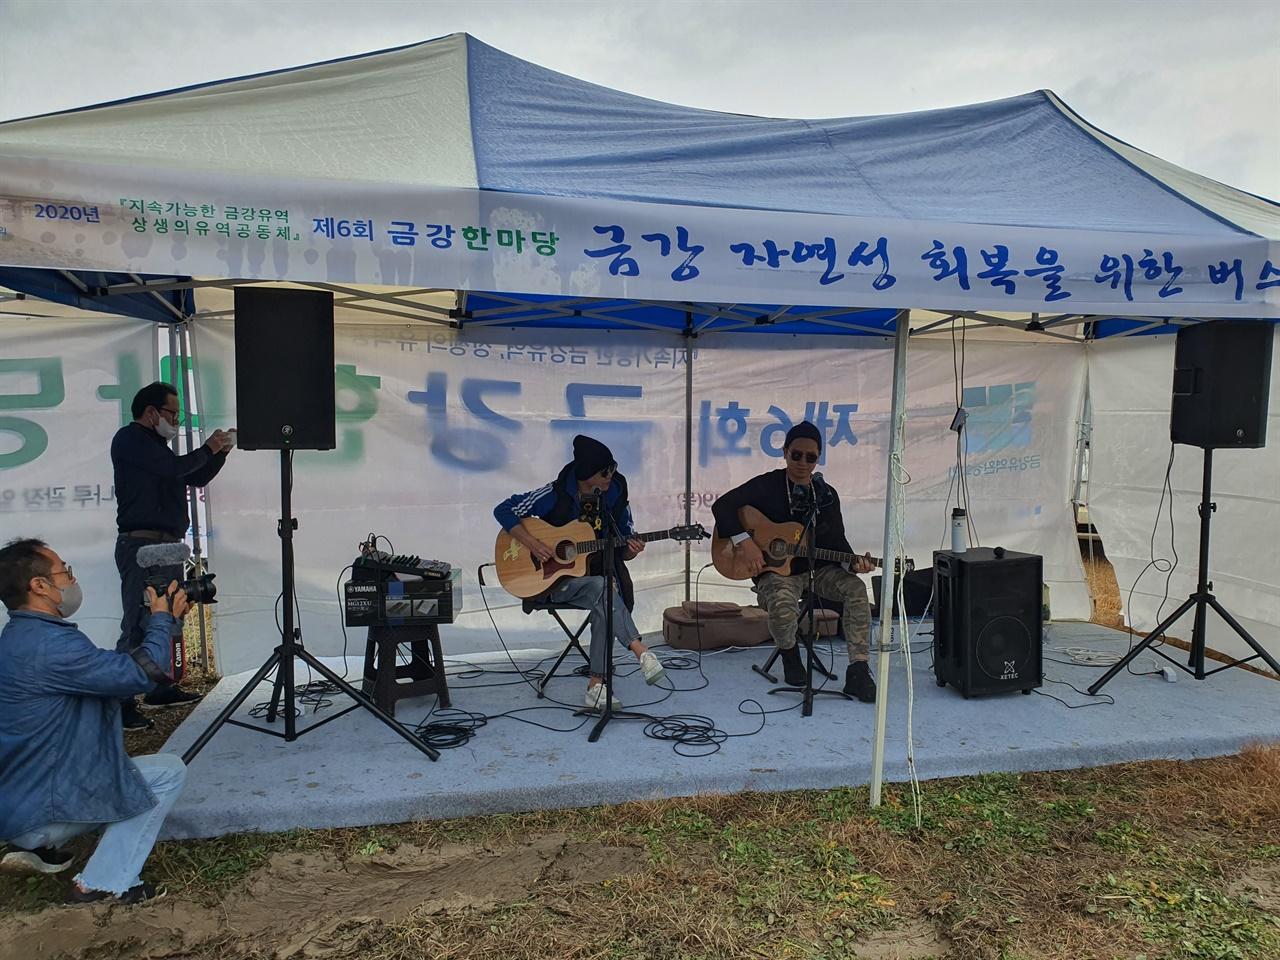 밴드 프리버드 공연으로 행사장의 분위기를 끌어 올렸다.